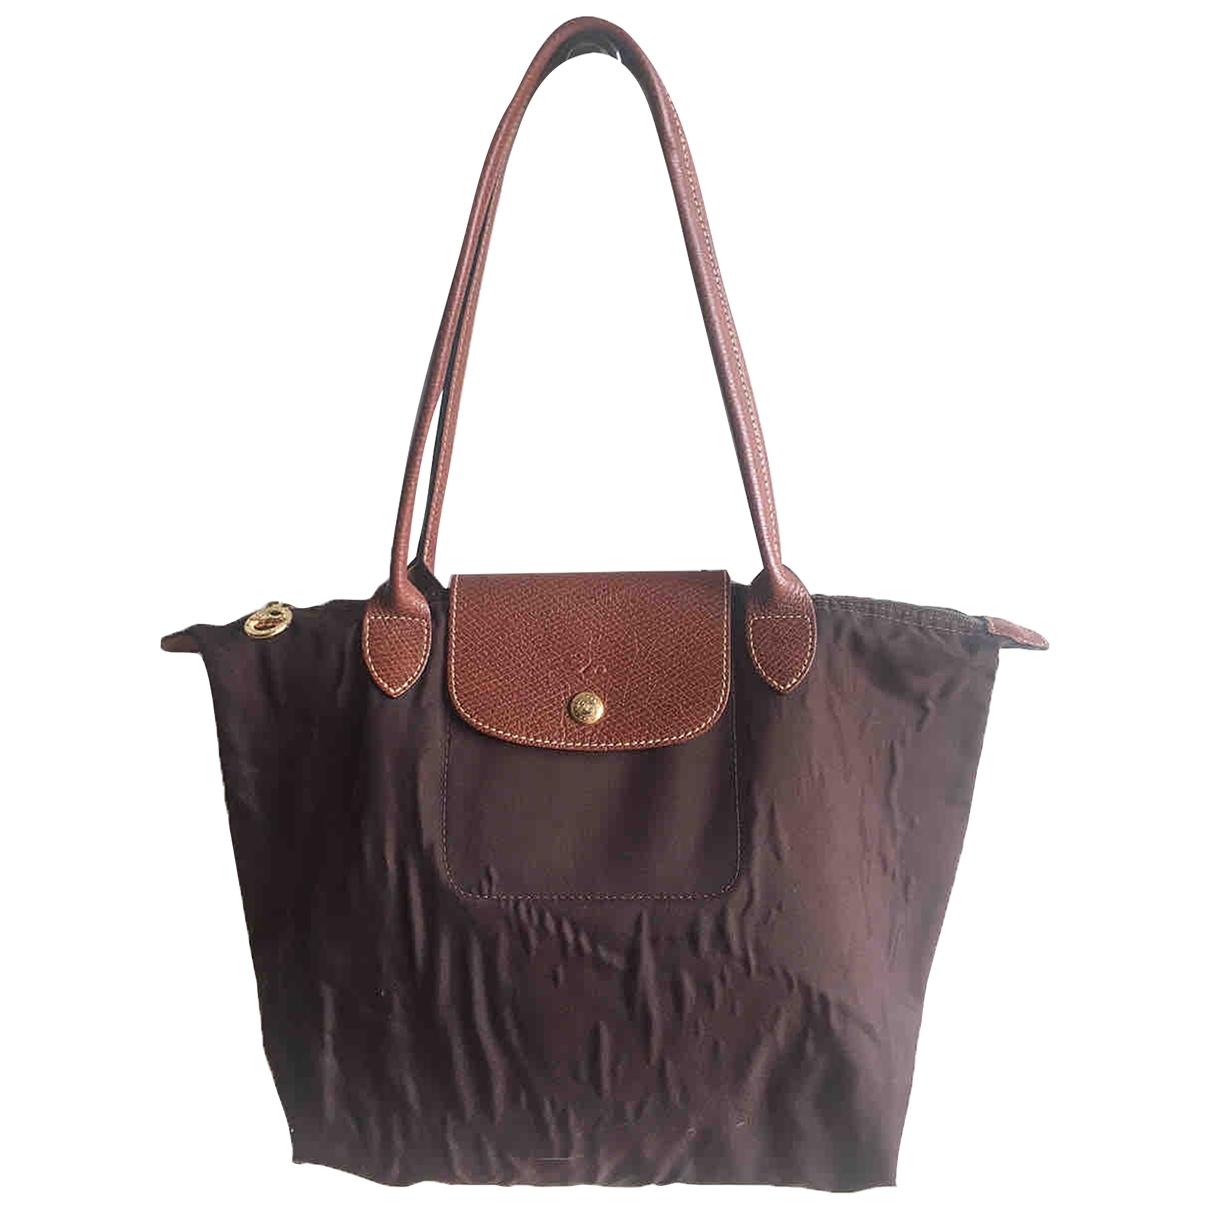 Longchamp - Sac a main Pliage  pour femme en toile - marron